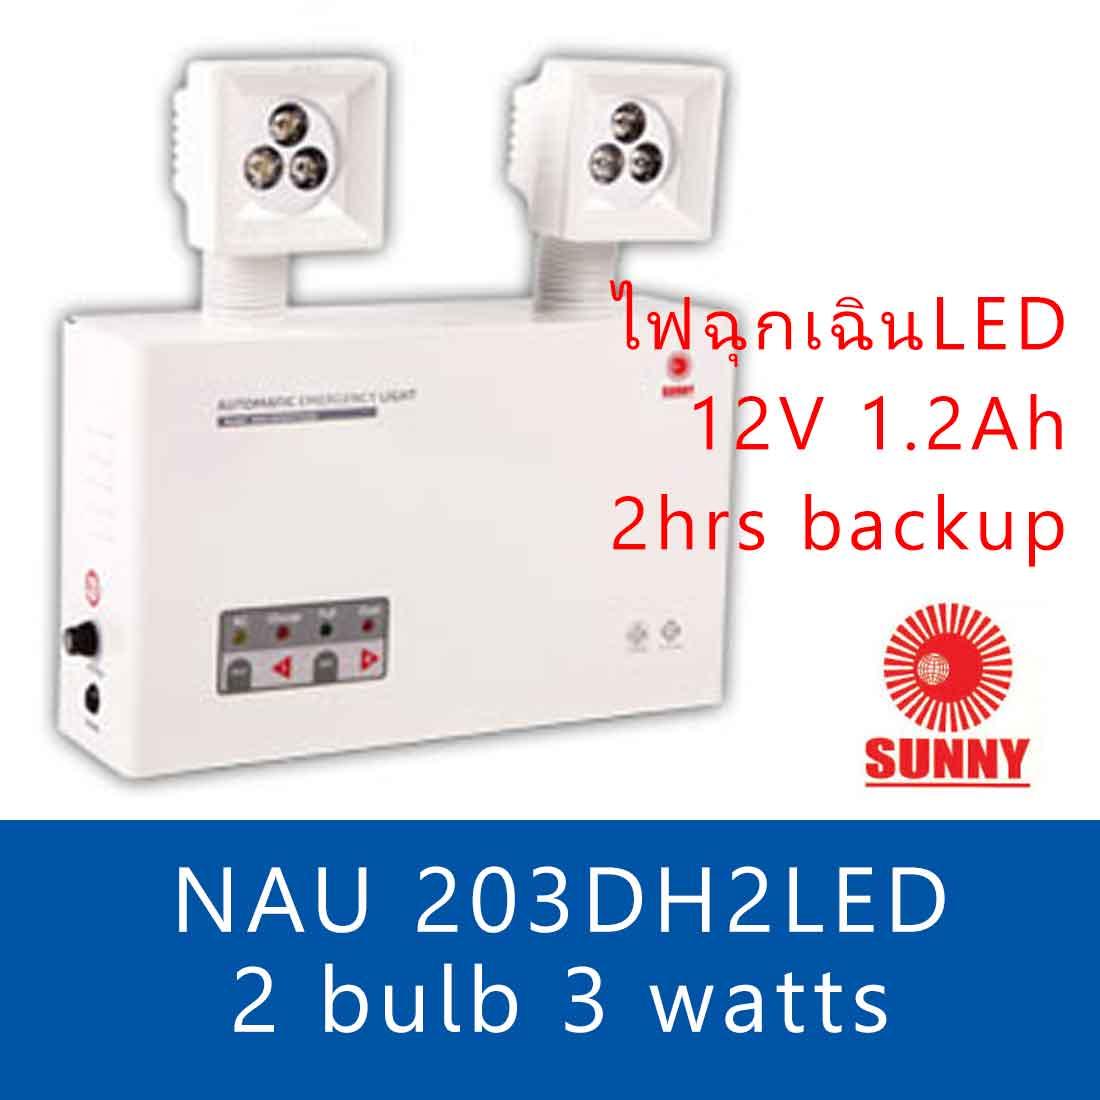 โคมไฟฉุกเฉิน LED 2 หลอด 3 watt 12V 1.2Ah 2hrs NAU203DH2LED SUNNY